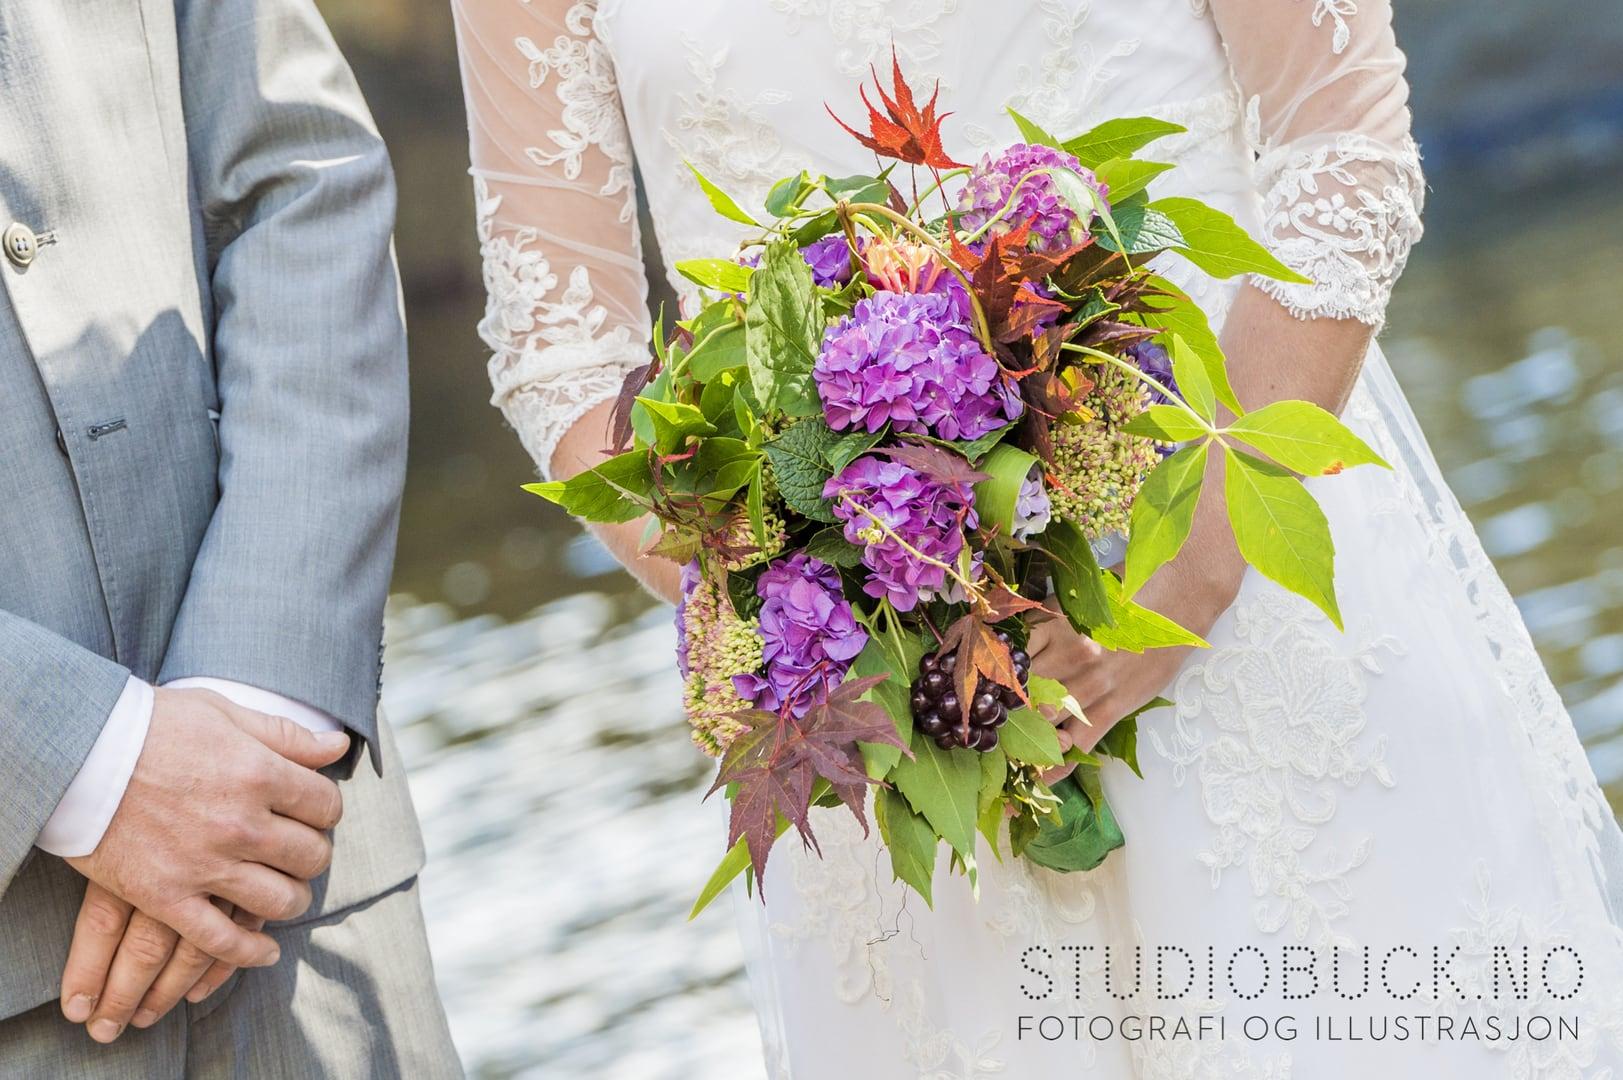 Bryllupsfotografering – et privilegium.